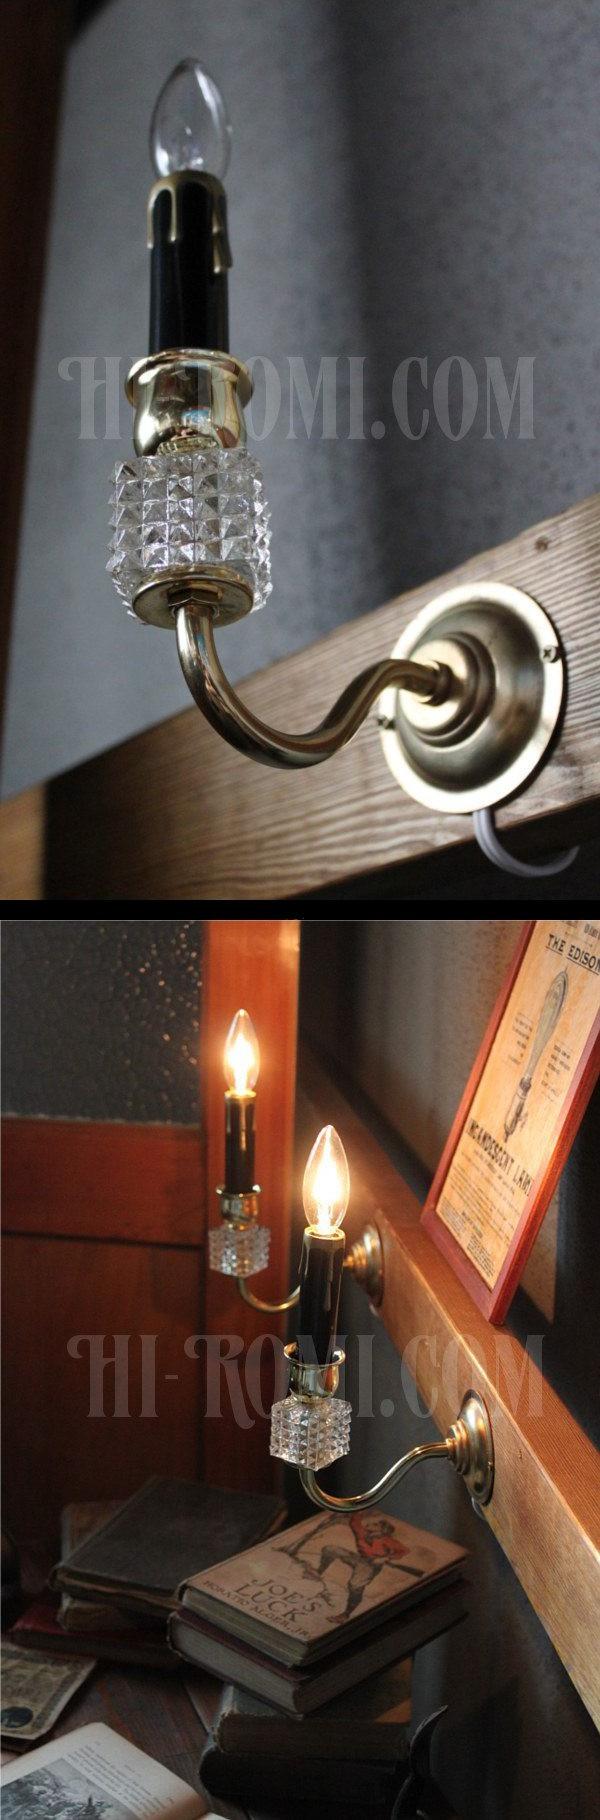 ヴィンテージガラス飾りミニウォールブラケットランプB/アンティークシャンデリア照明